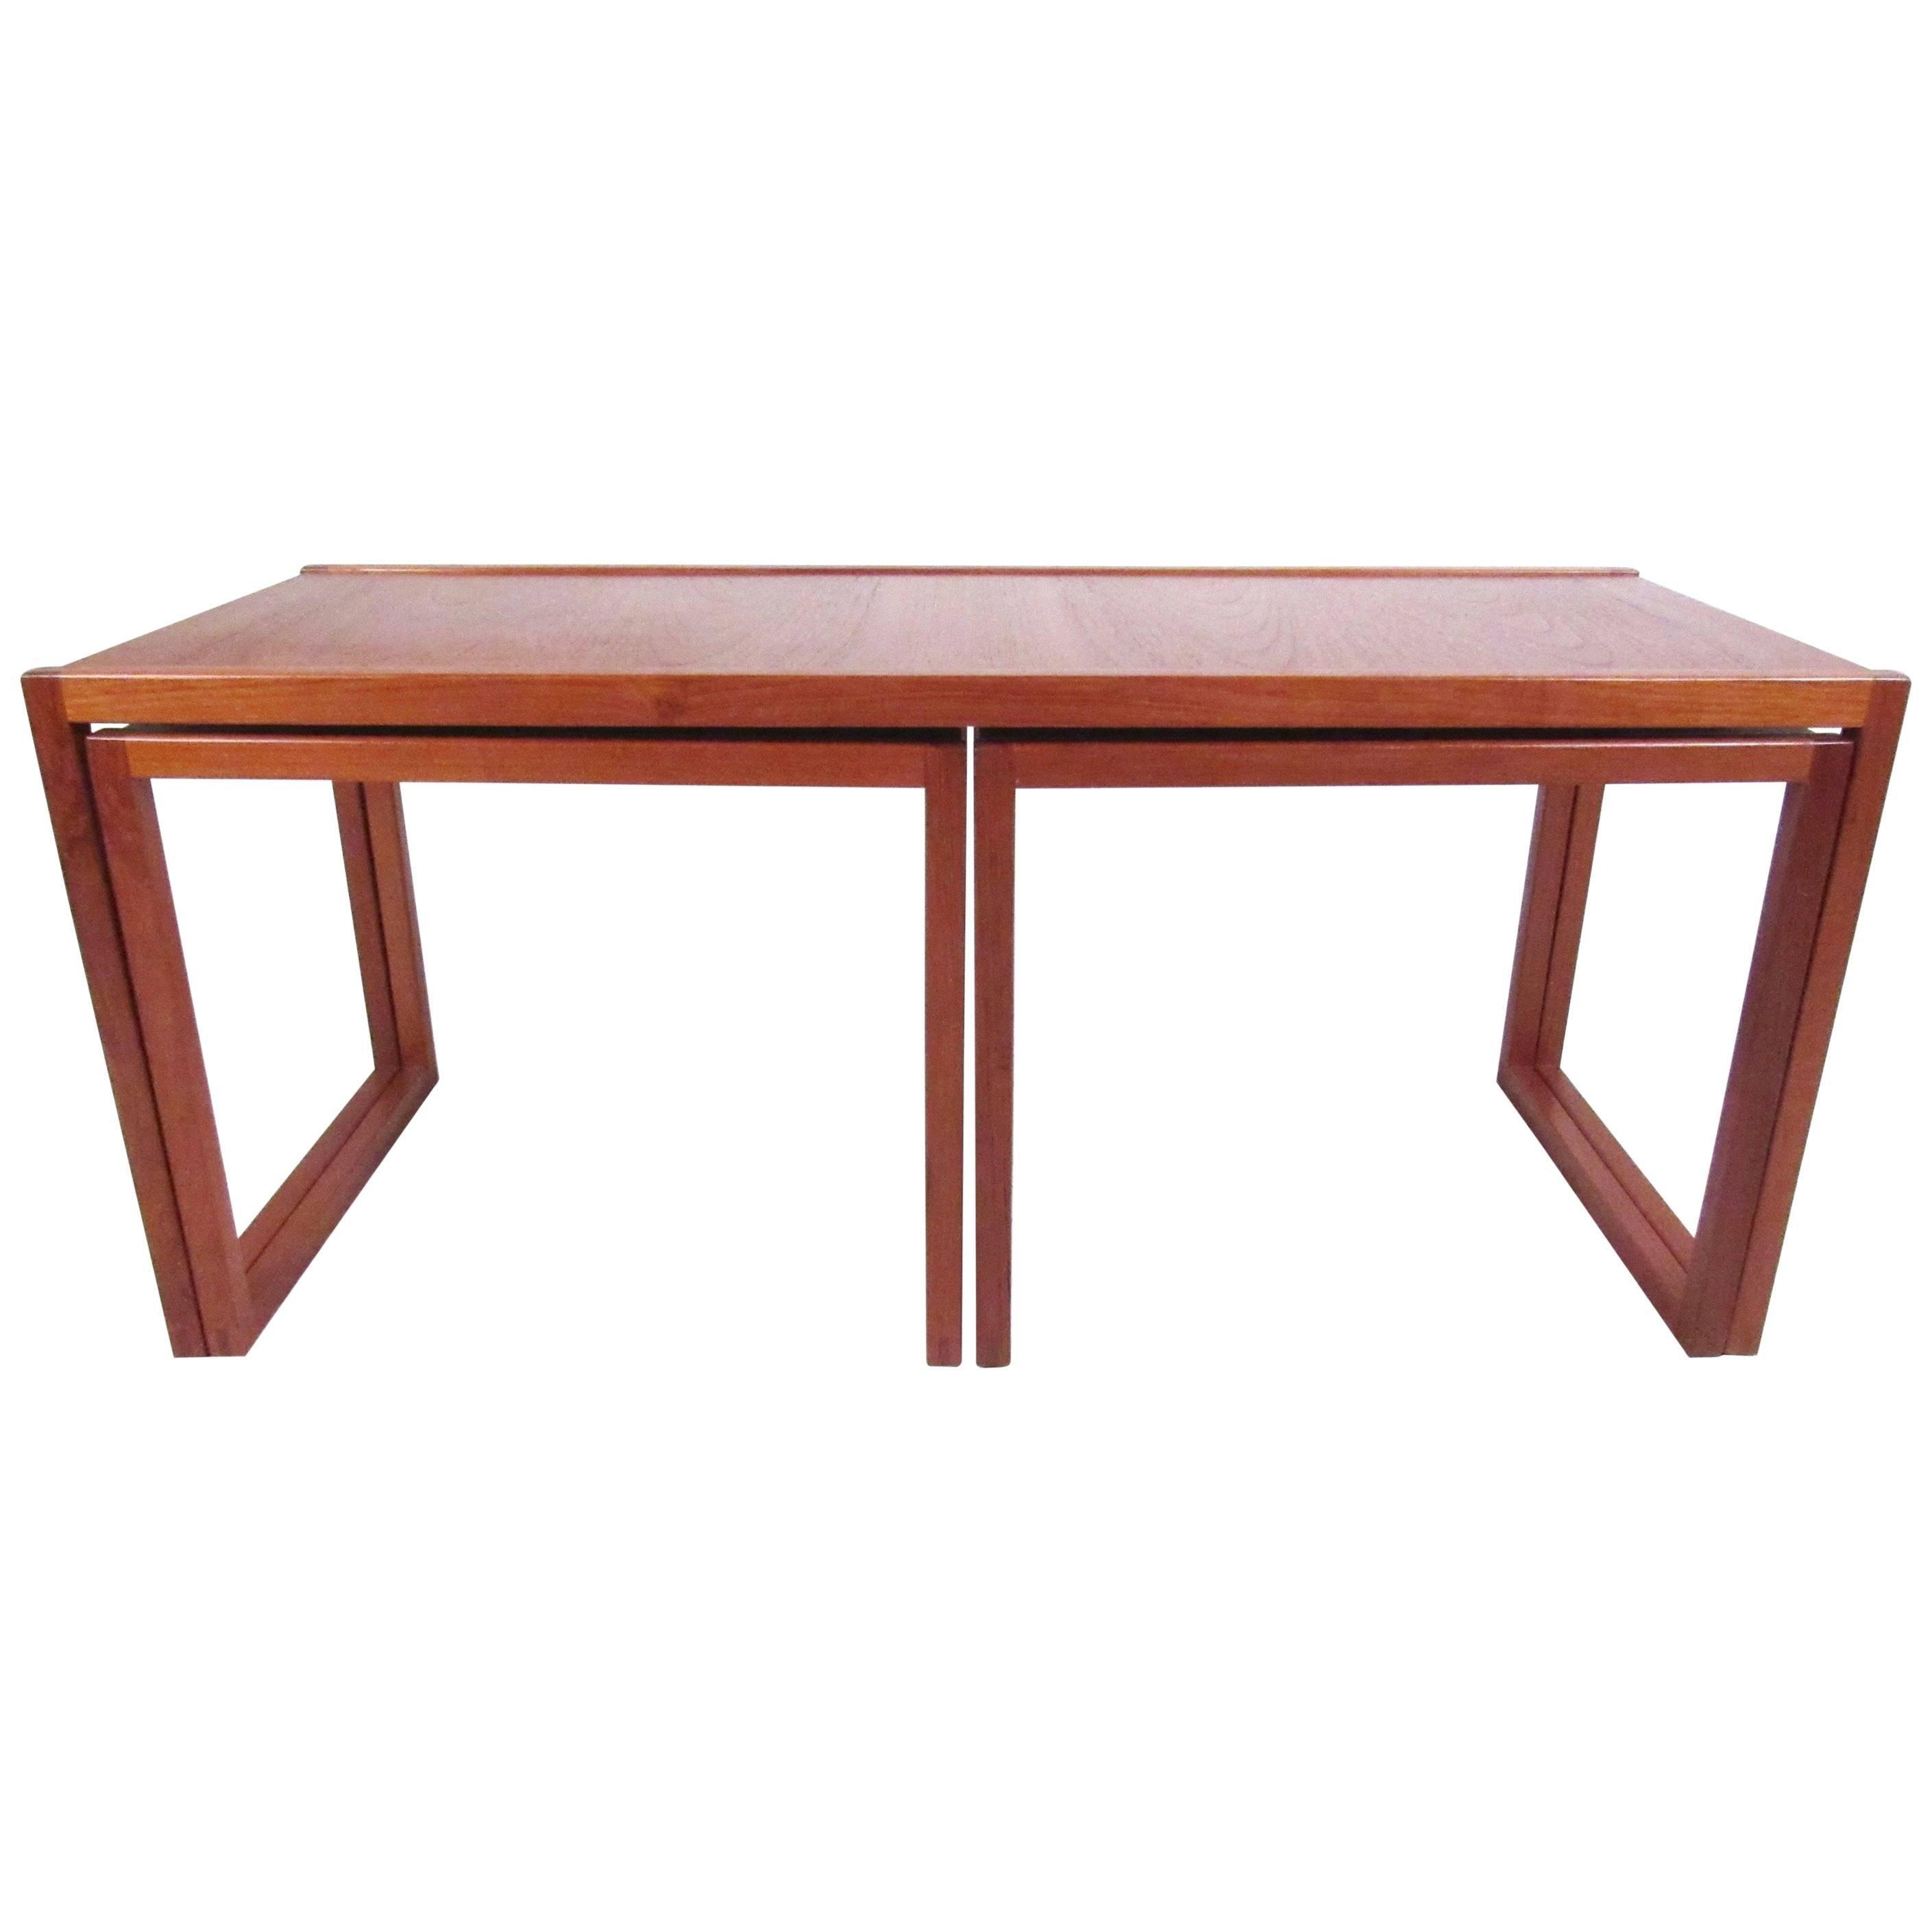 Set of Danish Modern Teak Nesting Tables